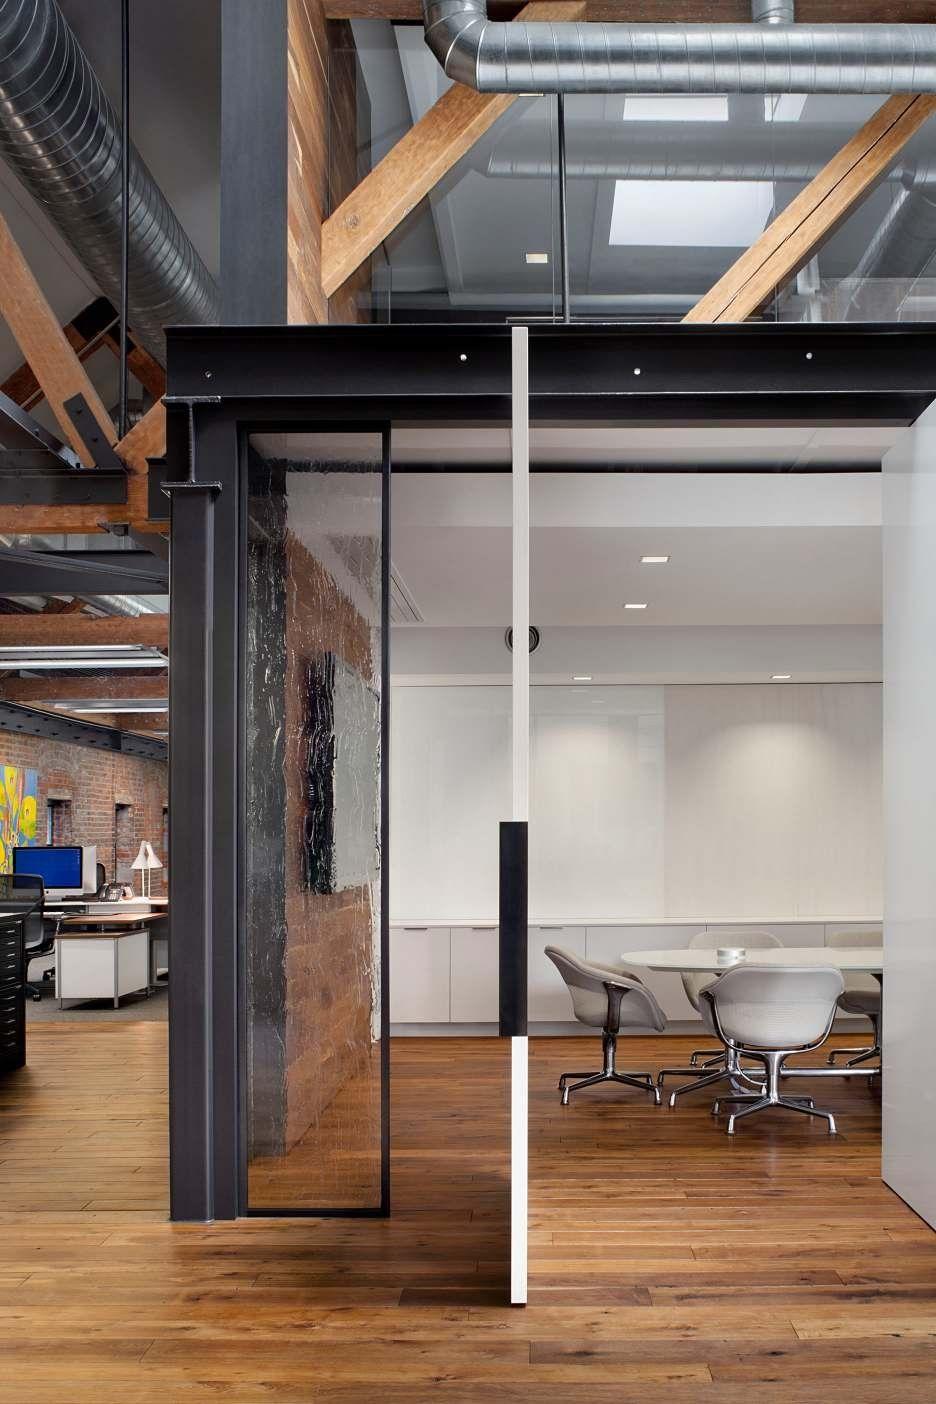 Wunderbares Lagerhaus: Büroflächen, die ursprünglich ein Lagerhaus ...